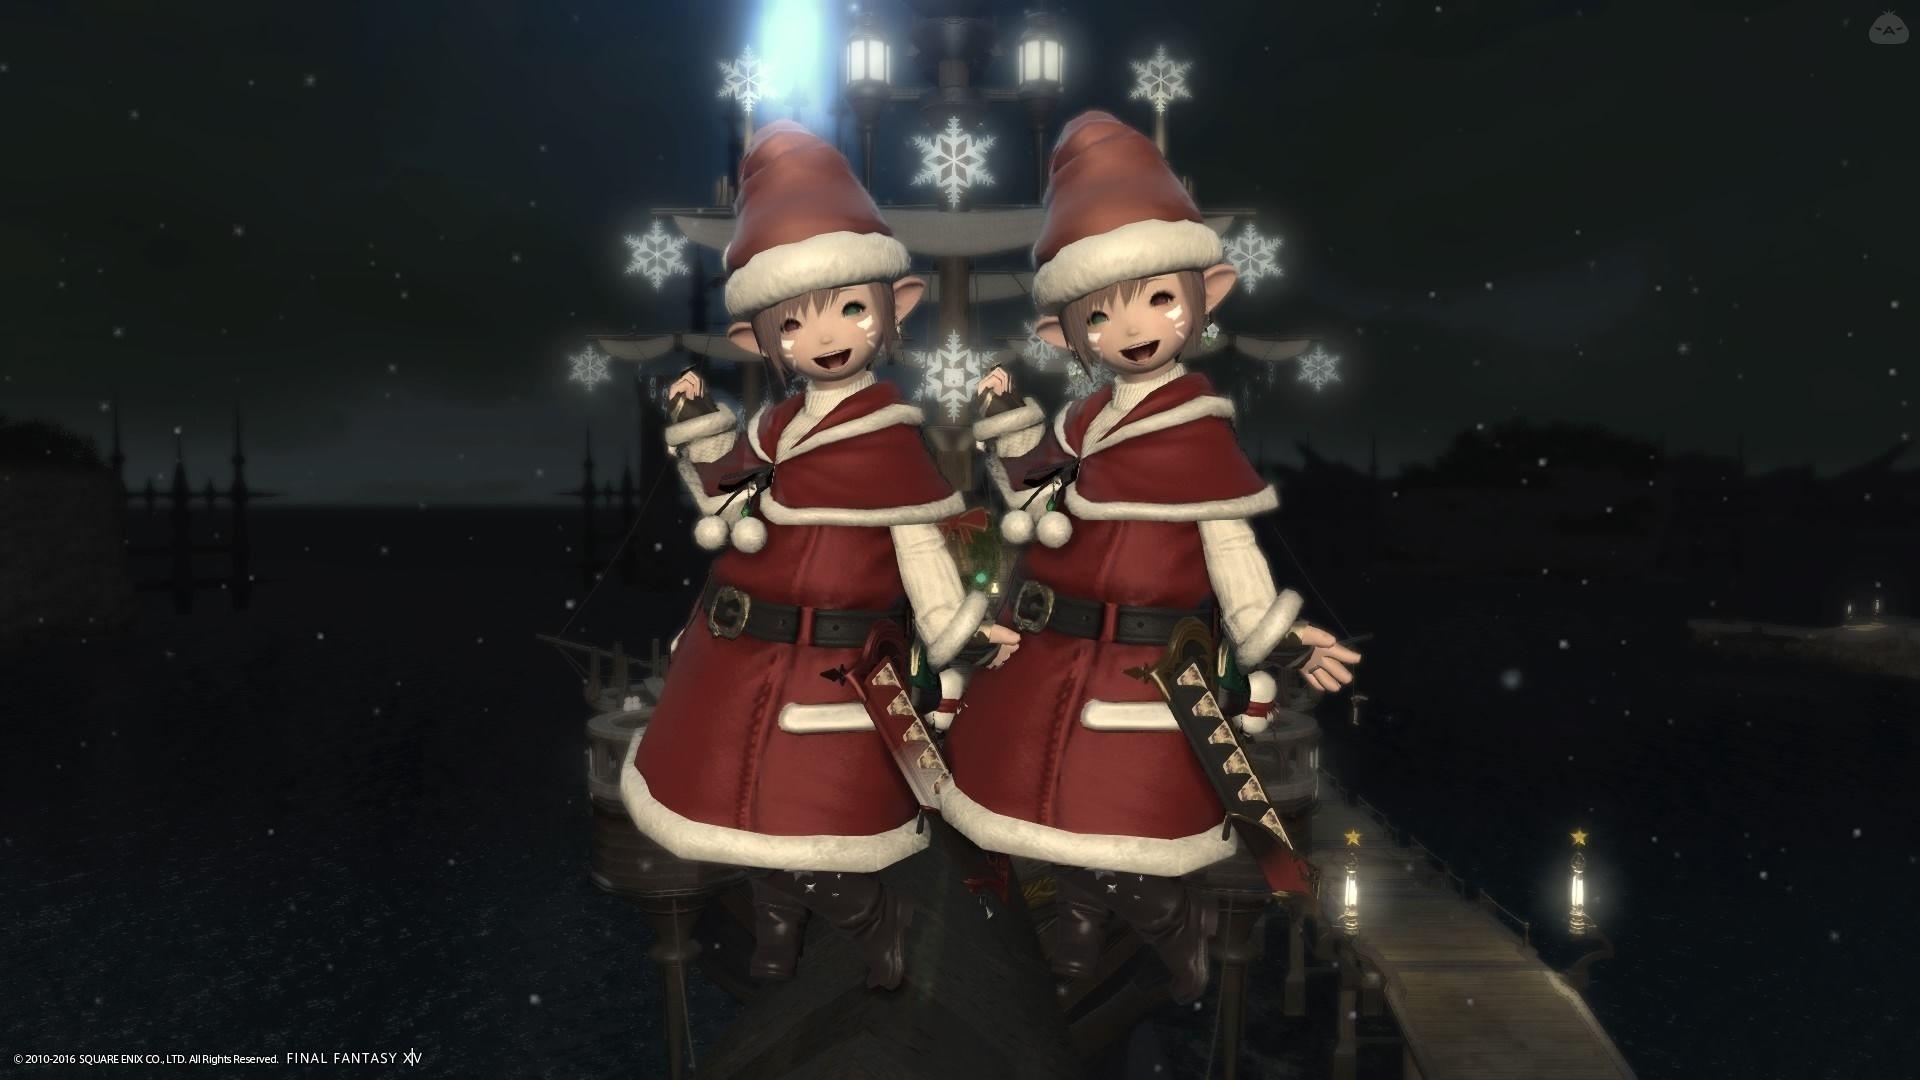 クリスマス限りの双子サンタ!